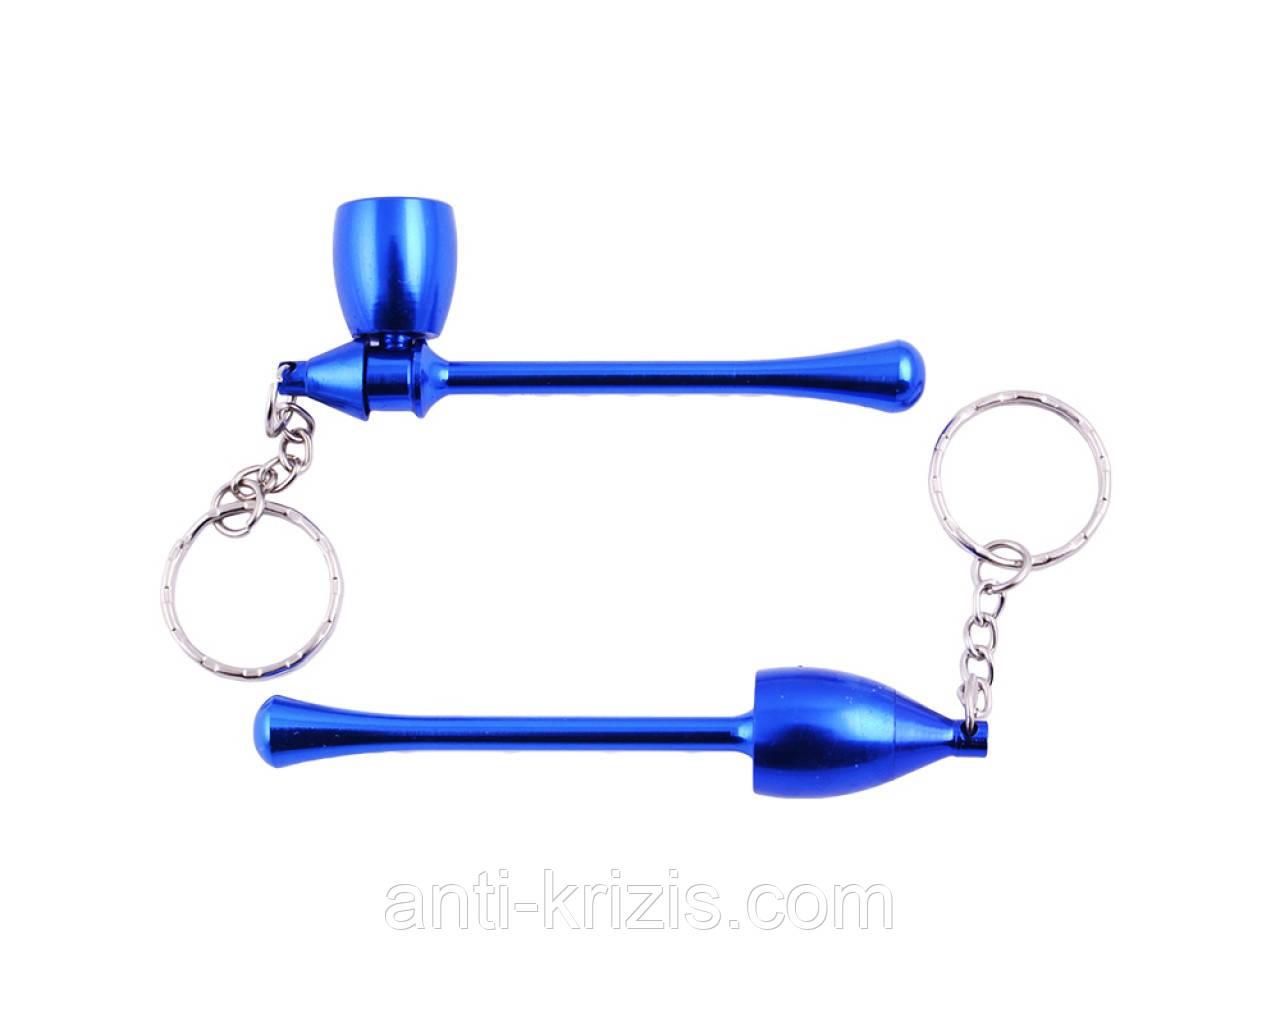 Трубка для курения-брелок Капля (синяя) №4685,высший сорт